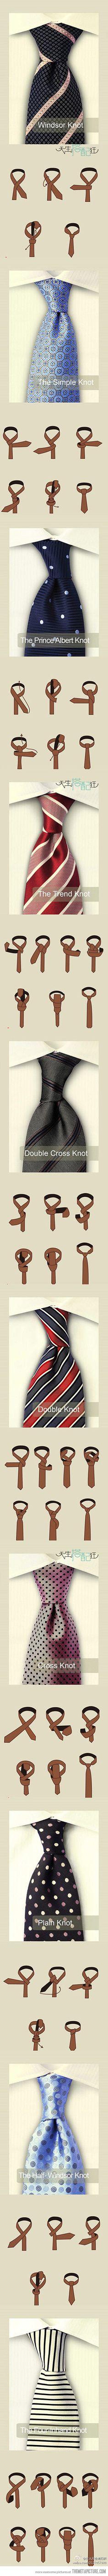 Ways To Tie a Tie